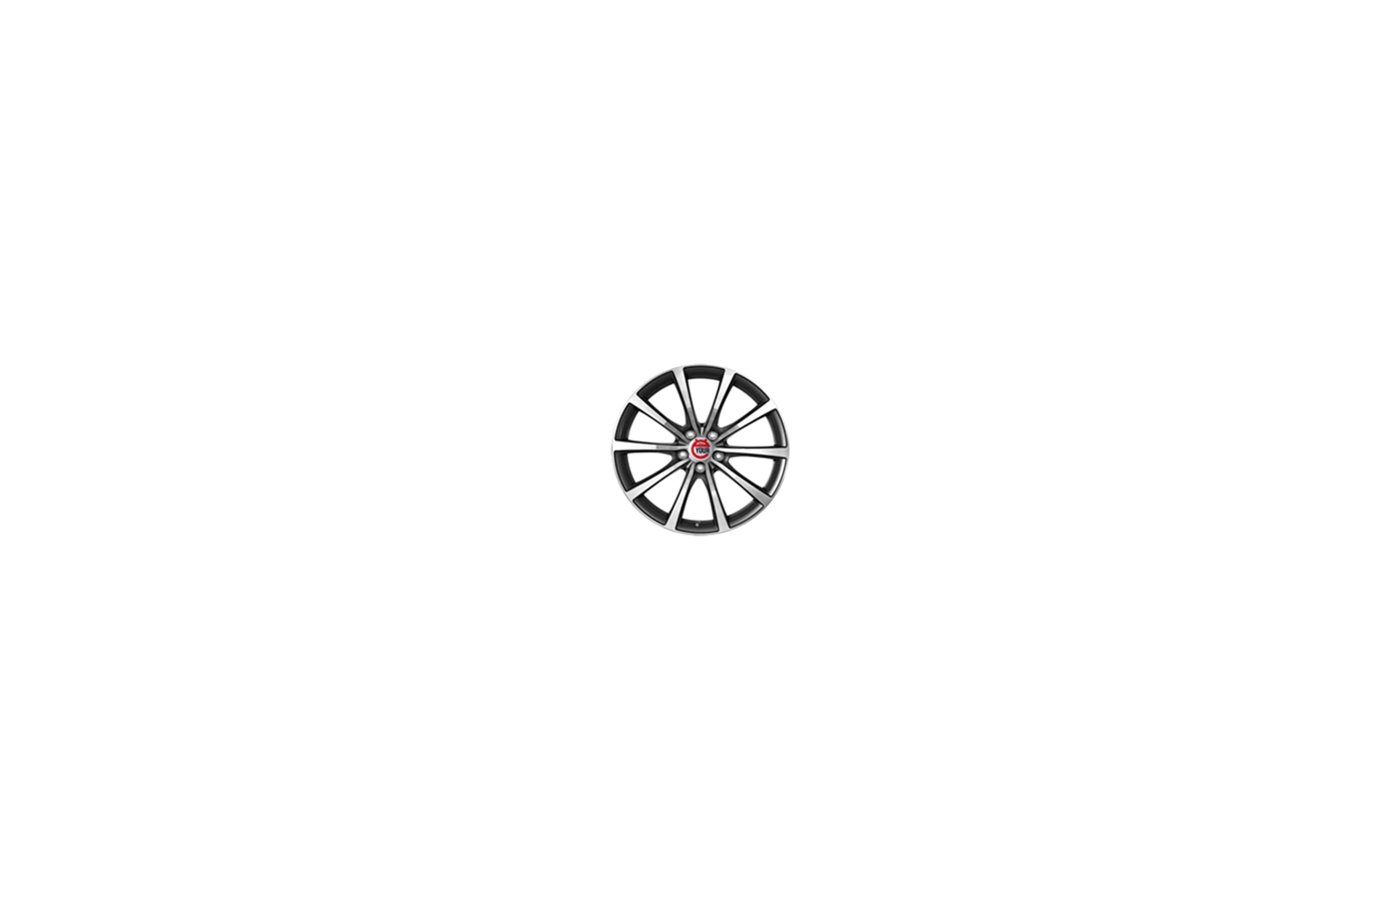 Диск Ё-wheels E07 6x15/5x114.3 D66.1 ET43 GMF